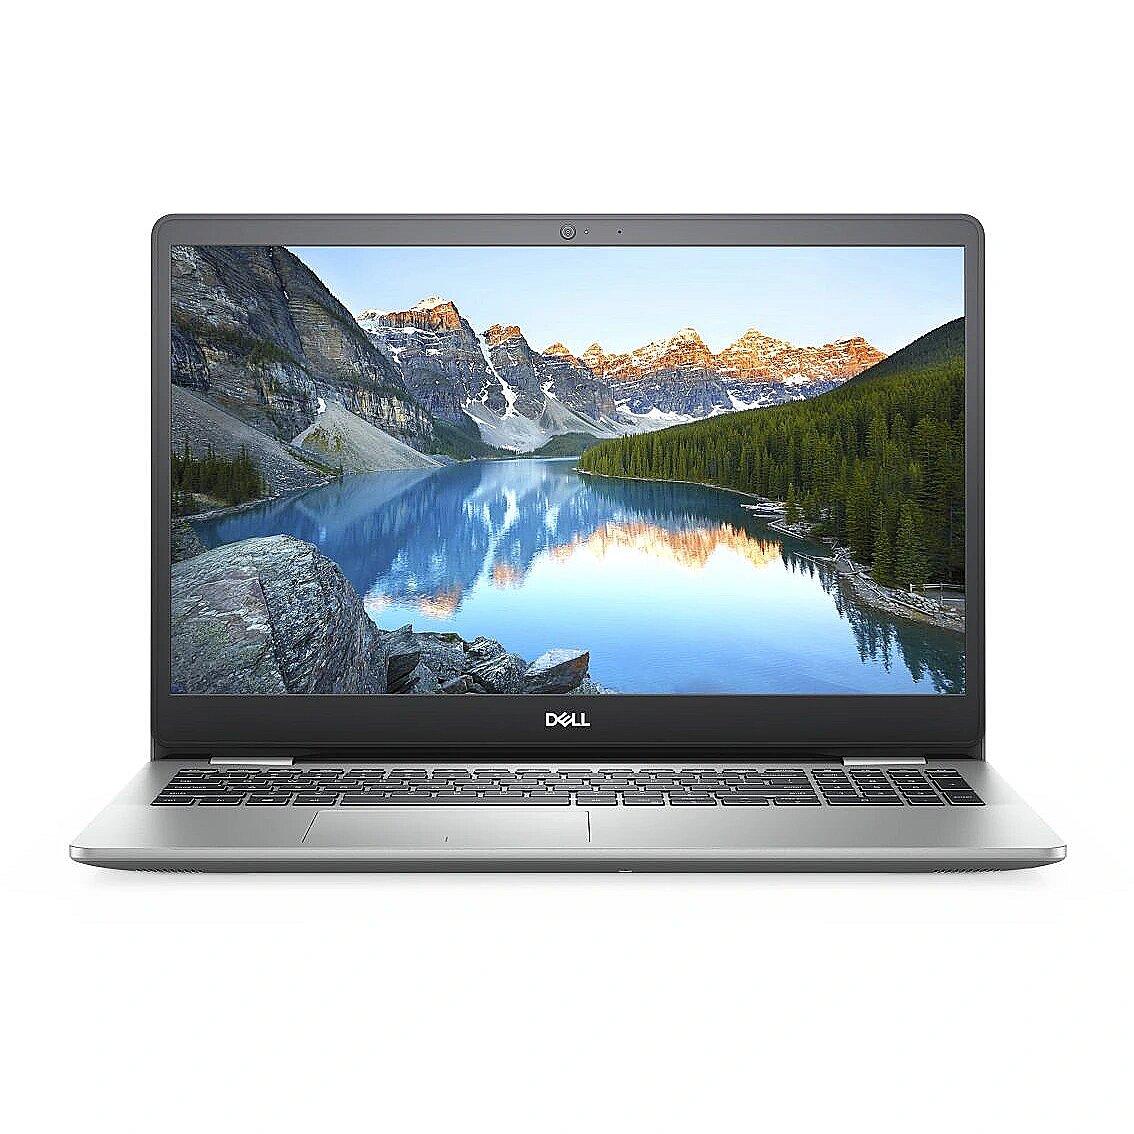 Dell Inspiron 15 (5593) Silver, 15.6